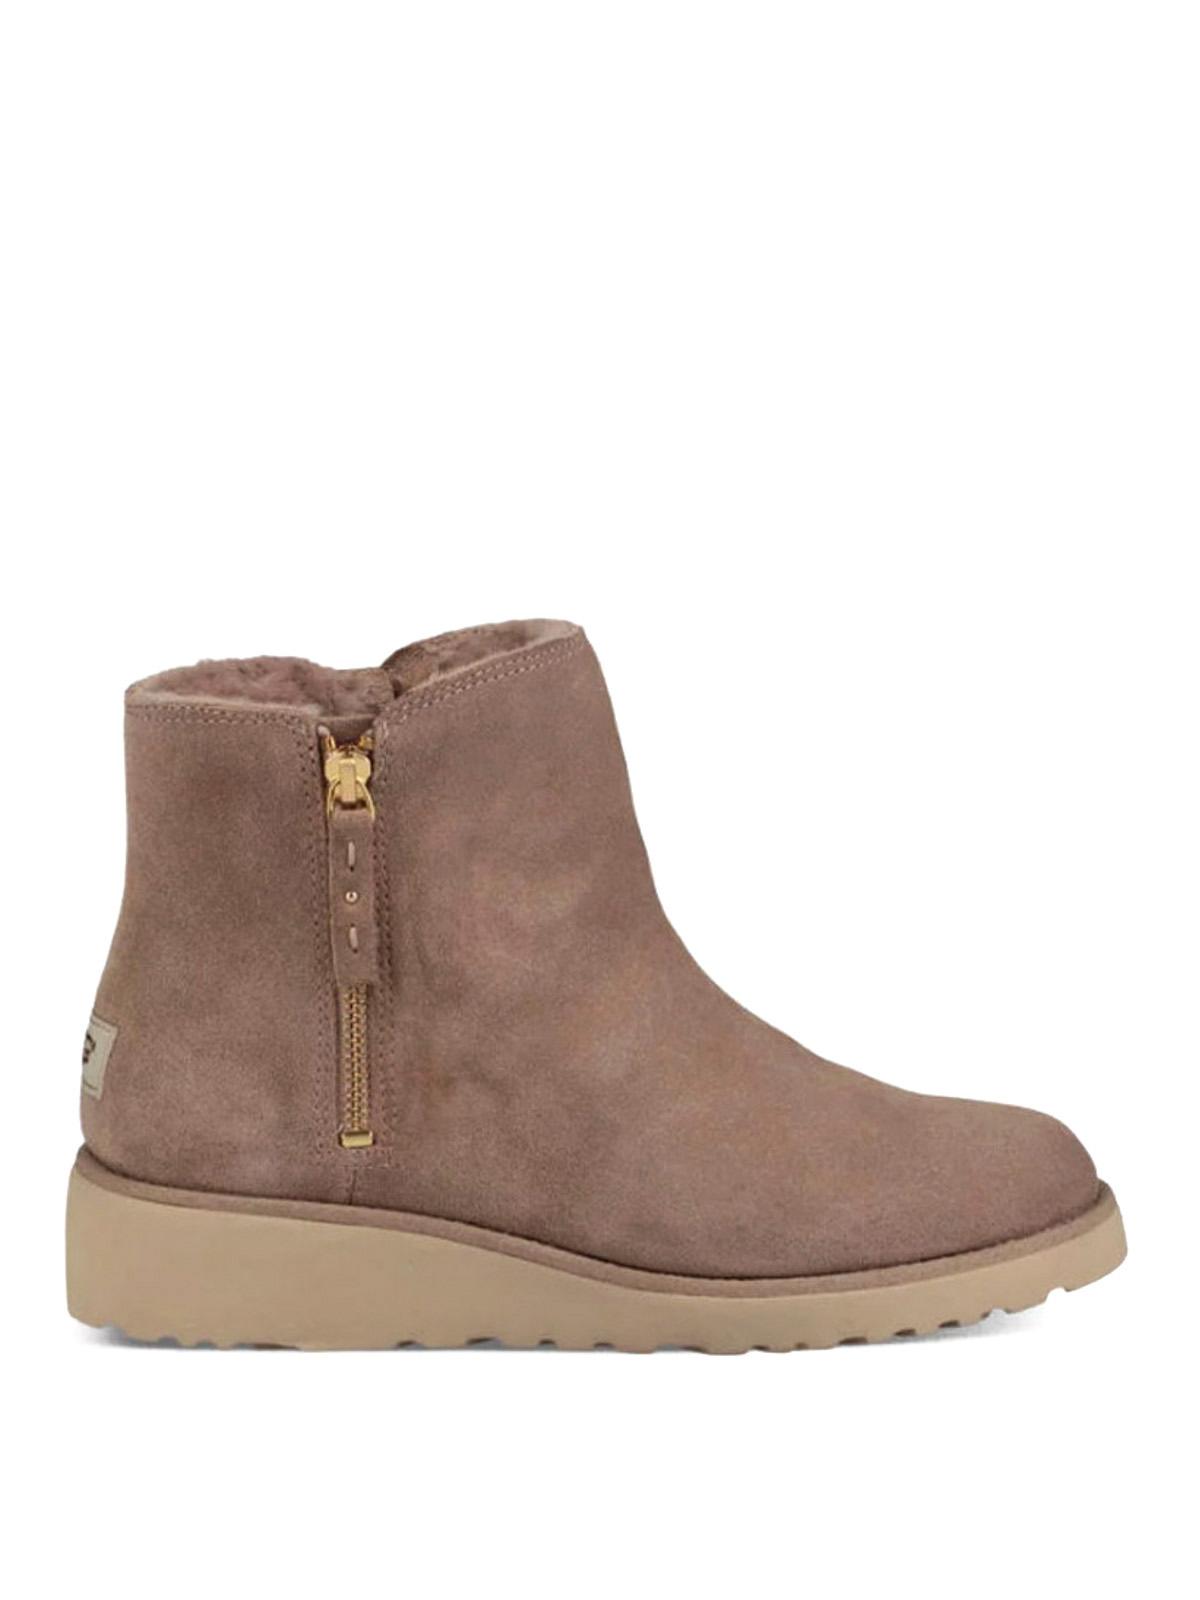 shala beige suede ankle boots by ugg ankle boots ikrix. Black Bedroom Furniture Sets. Home Design Ideas